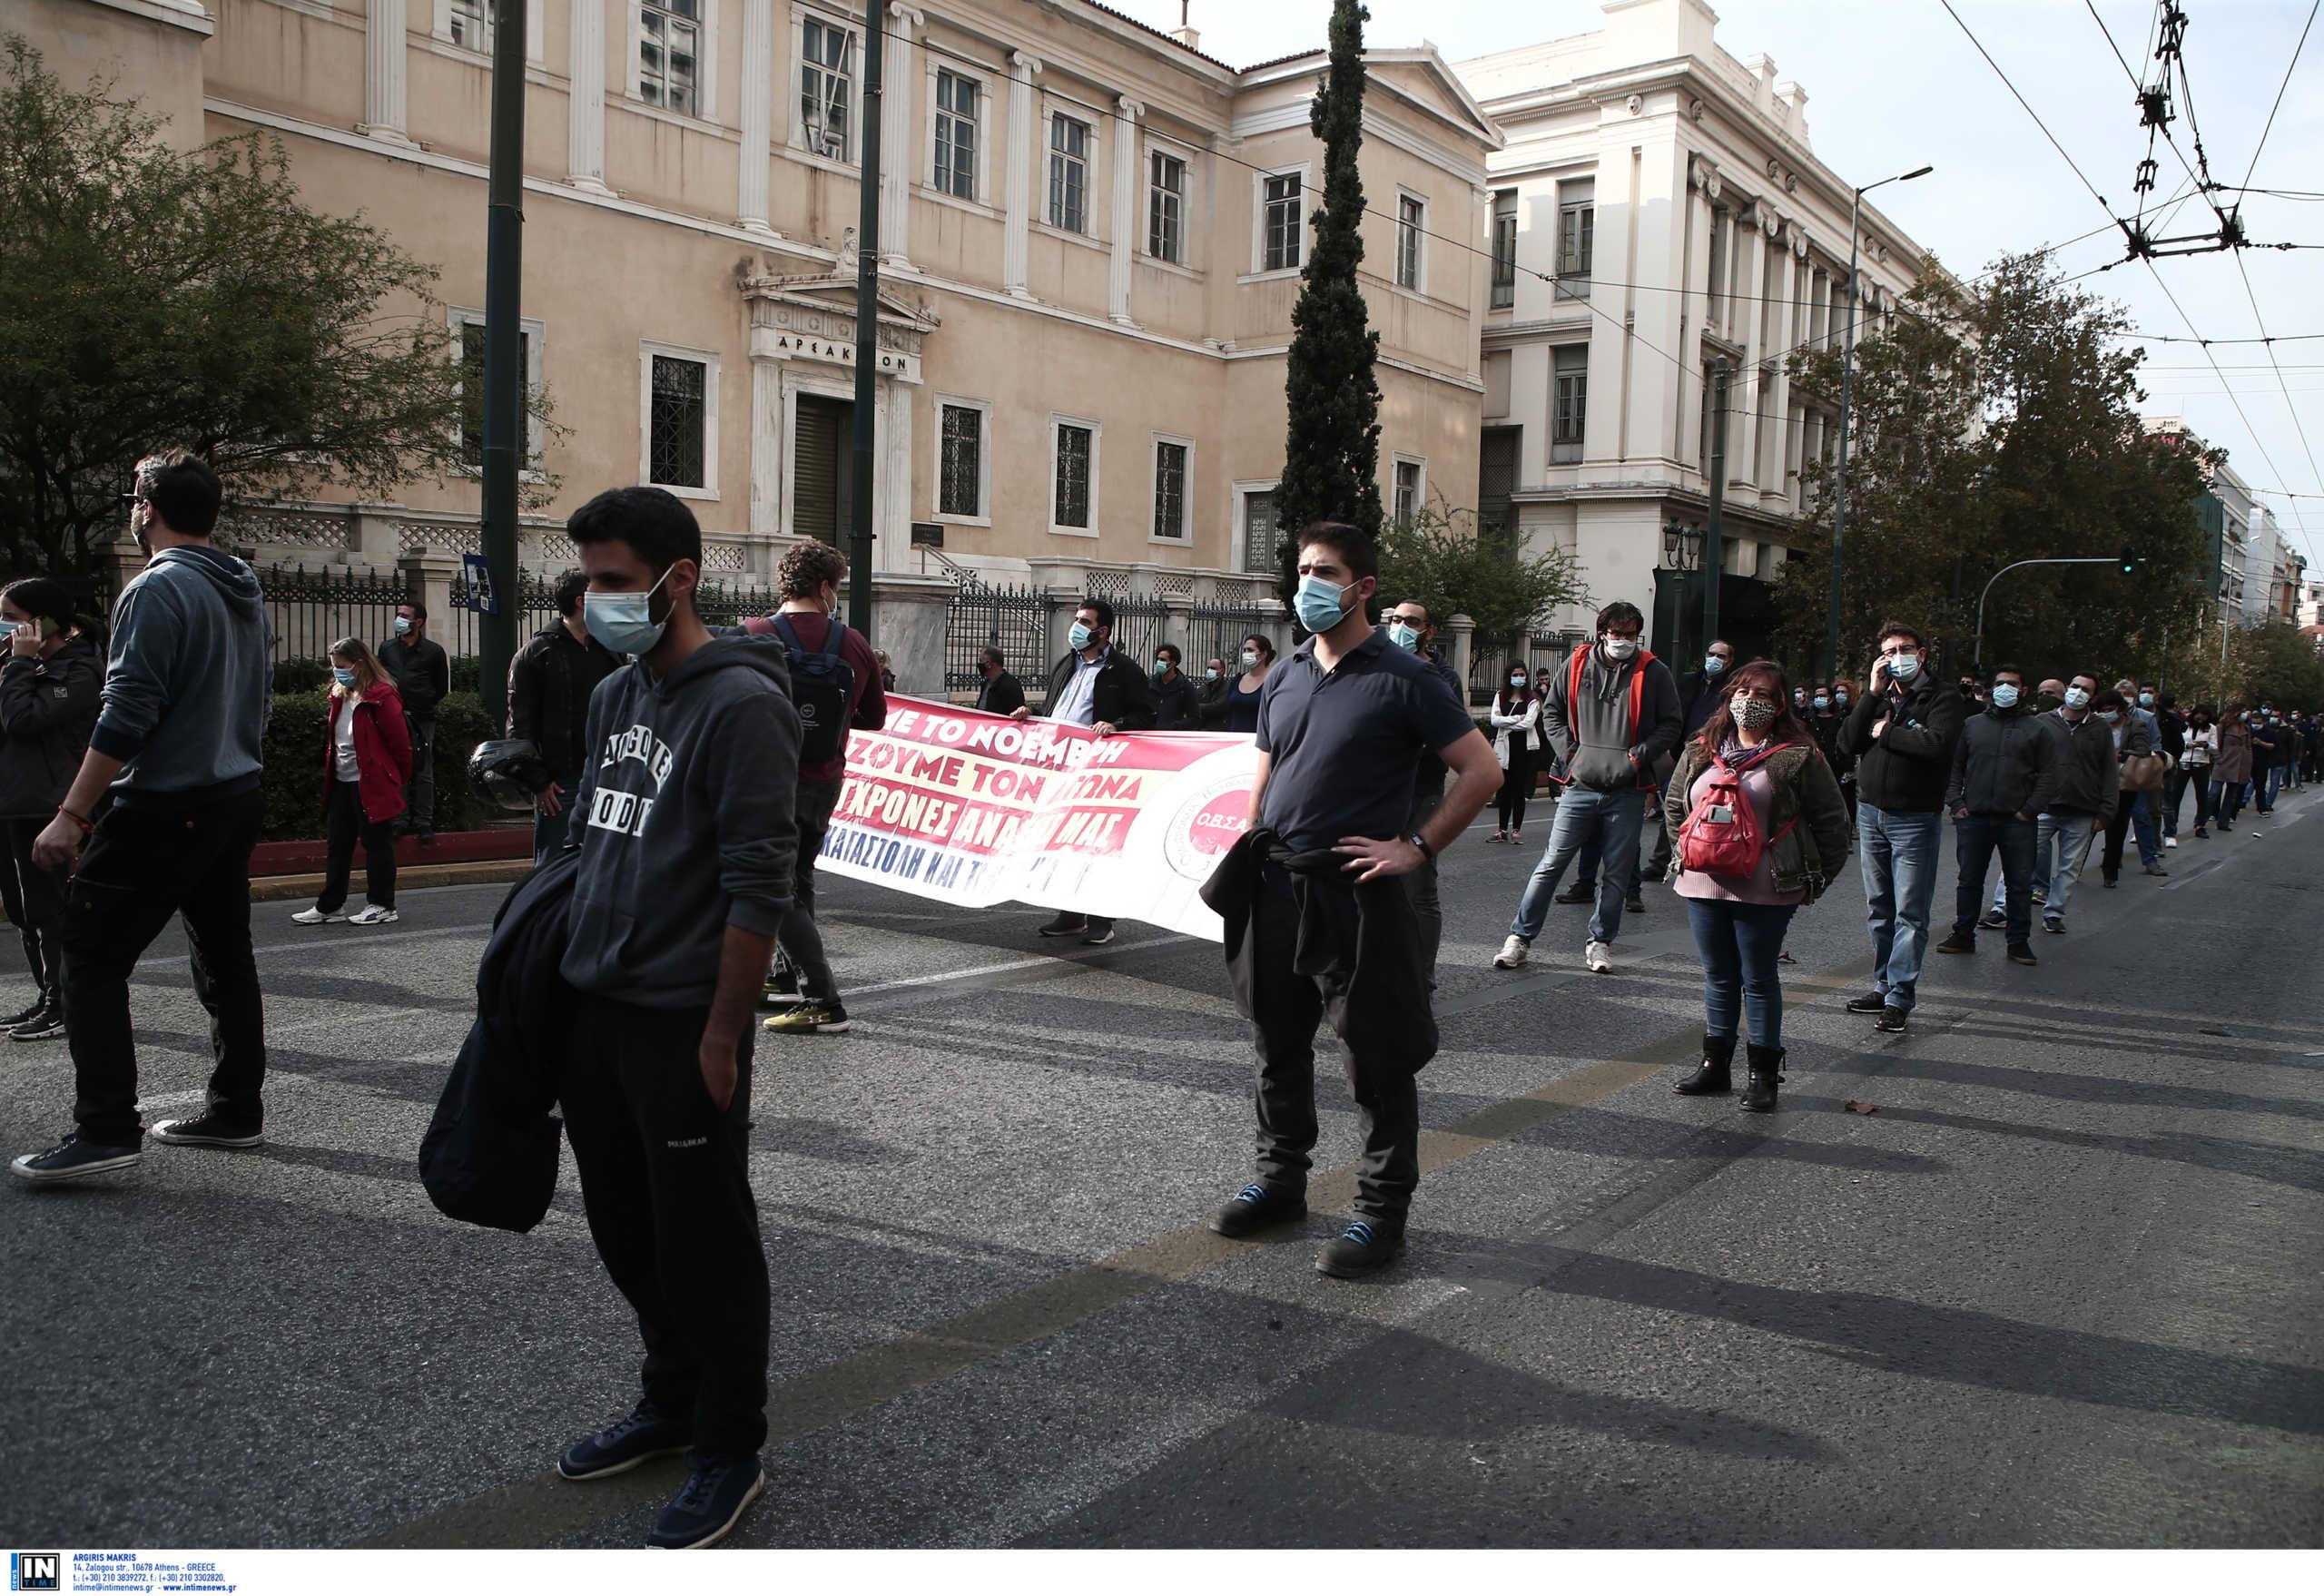 Αντιδρούν ΣΥΡΙΖΑ, ΚΚΕ και ΜεΡΑ25 για την εισαγγελική παρέμβαση για το Πολυτεχνείο